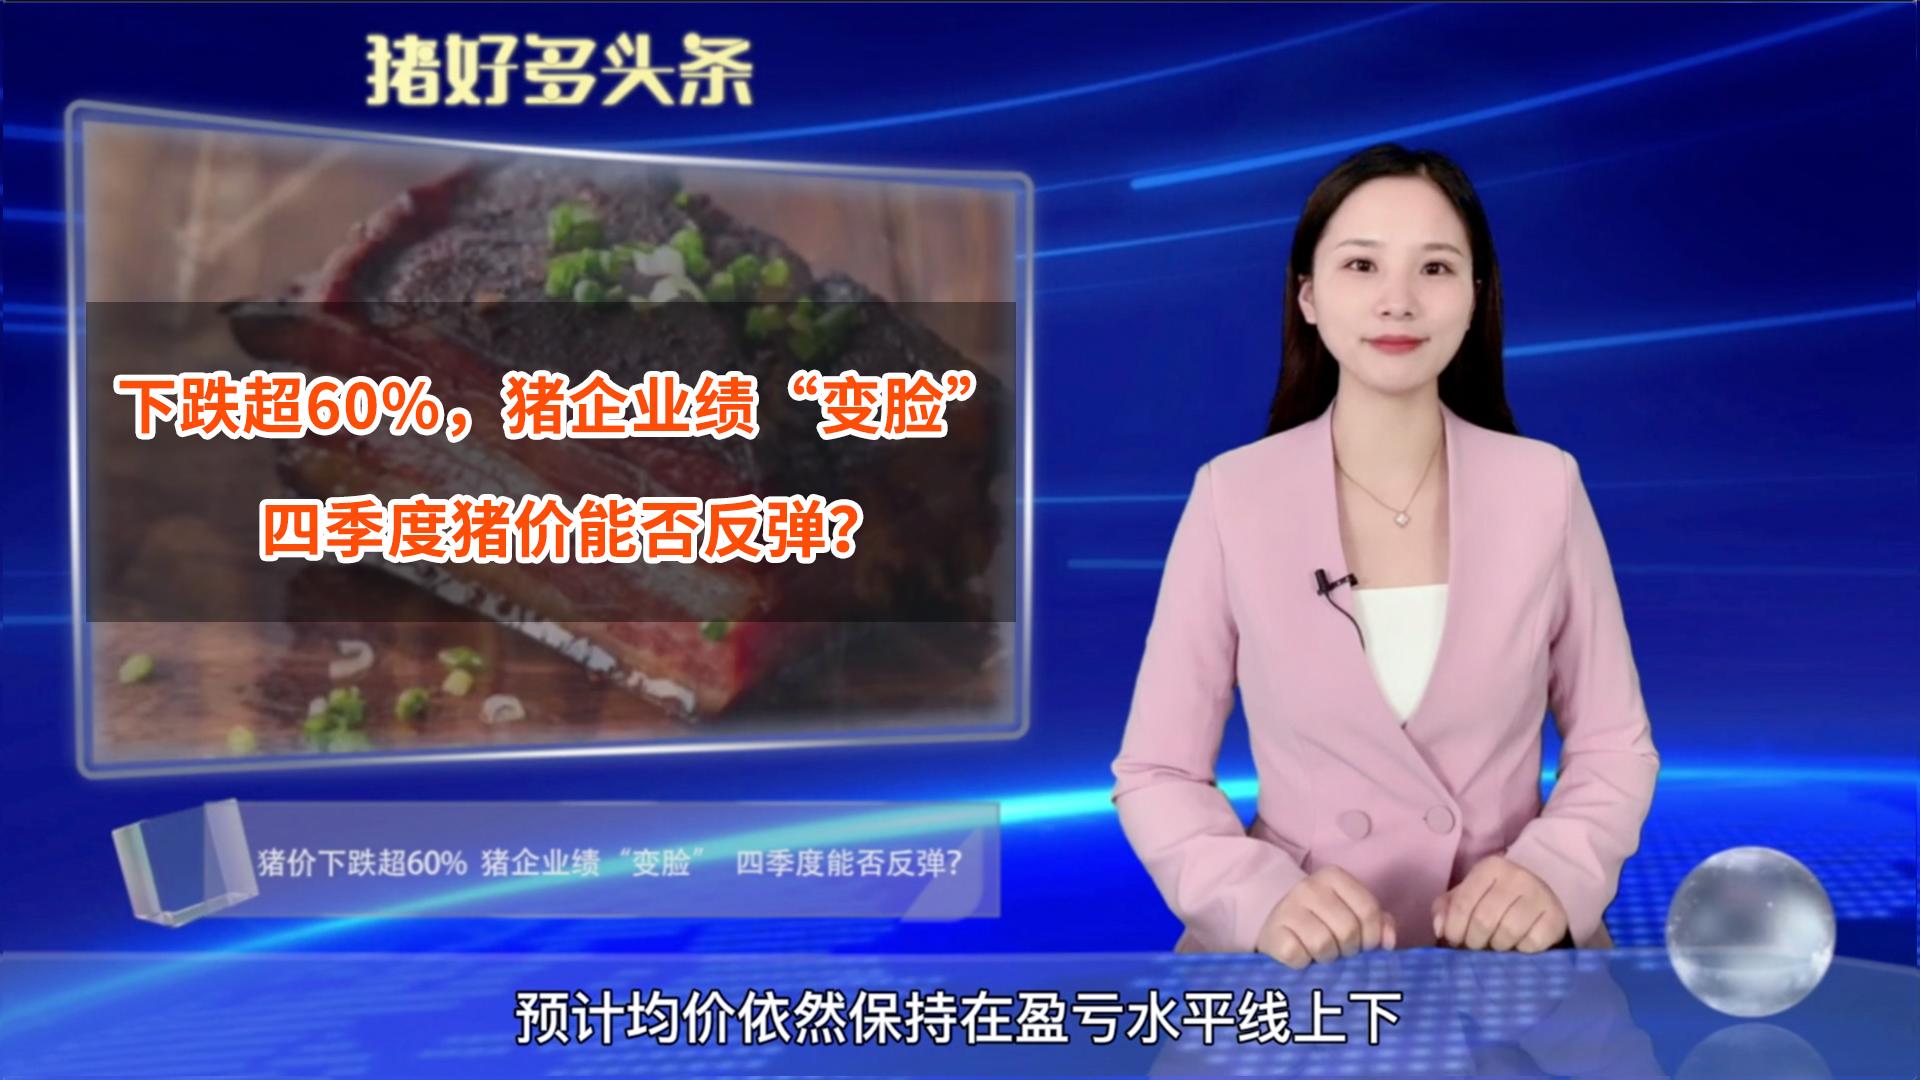 """生猪价格下跌超60%!养猪企业业绩""""变脸"""",四季度猪价能否反弹?"""